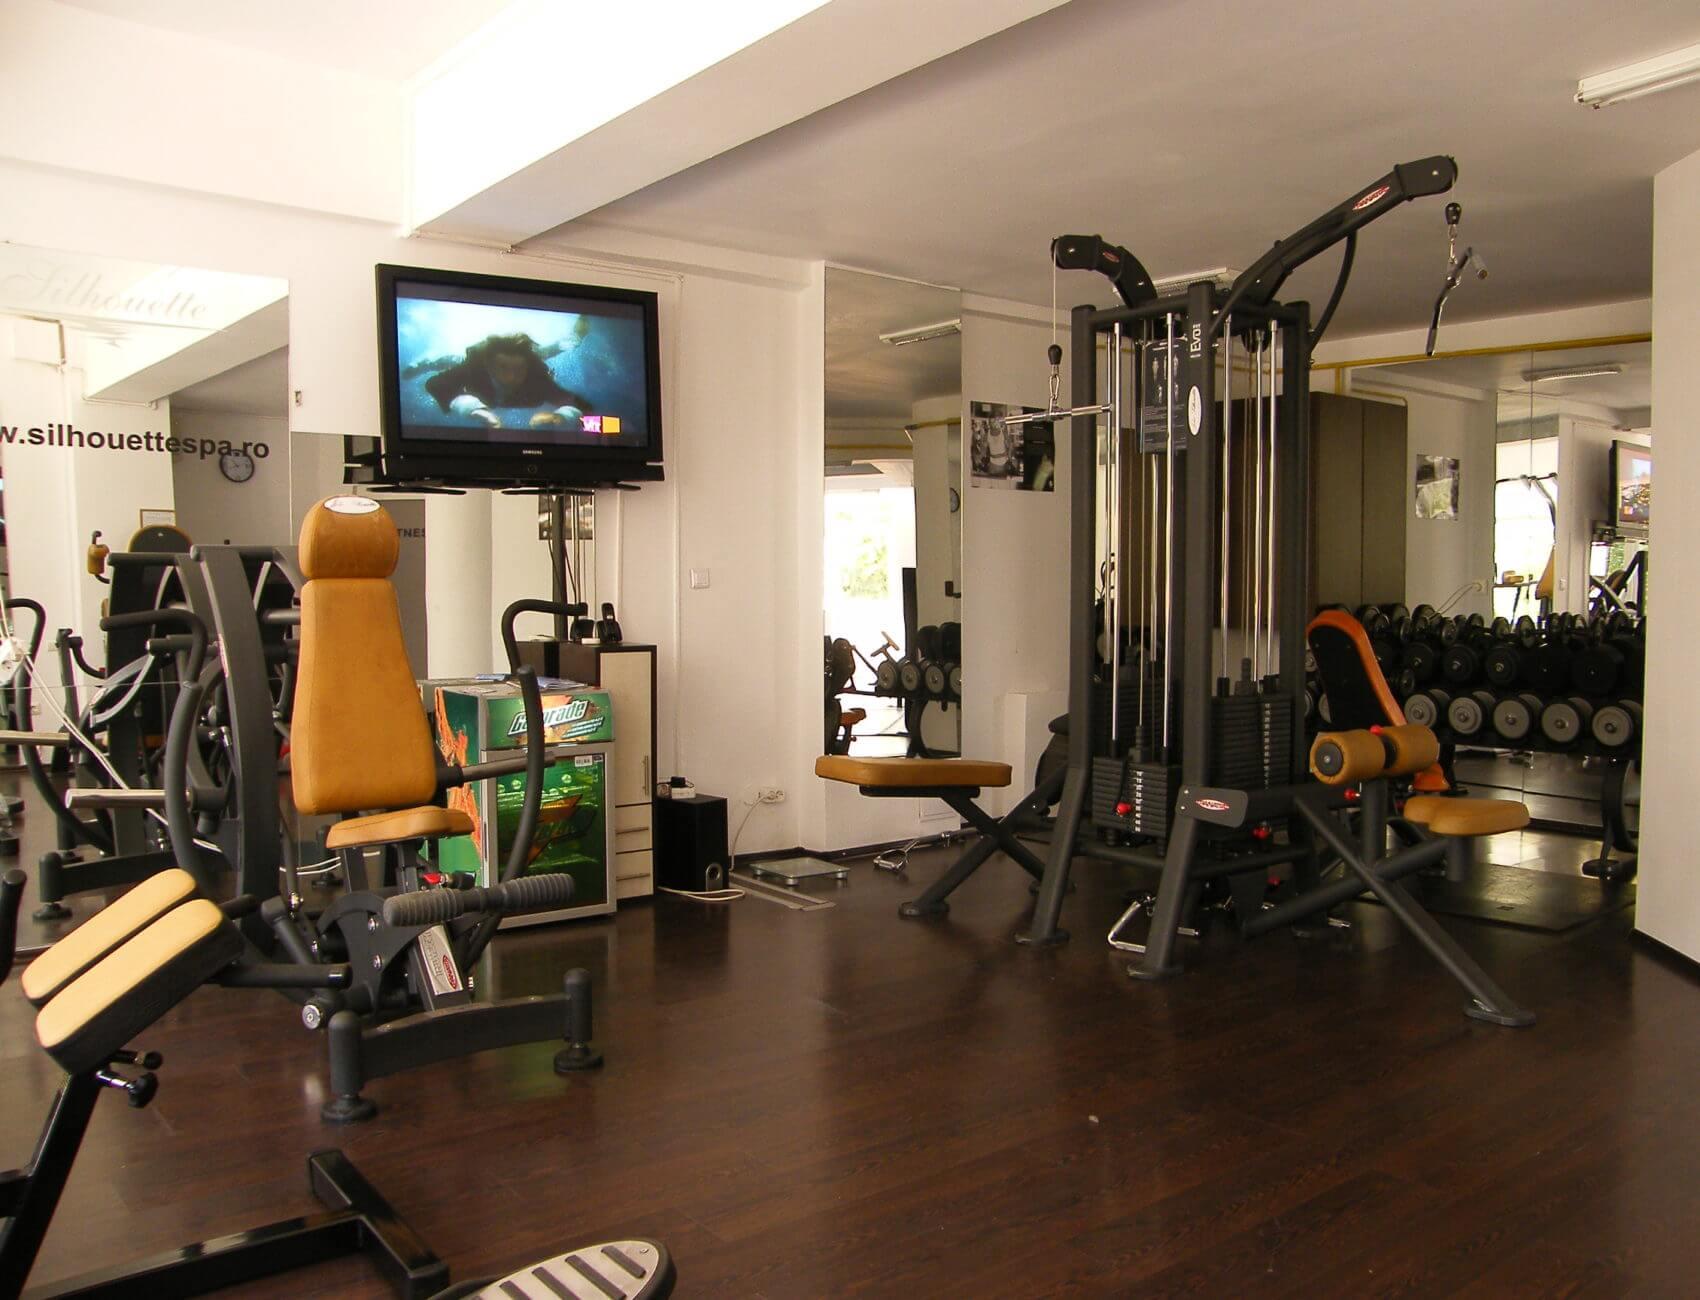 Galerie echipamente fitness 2017 - 7